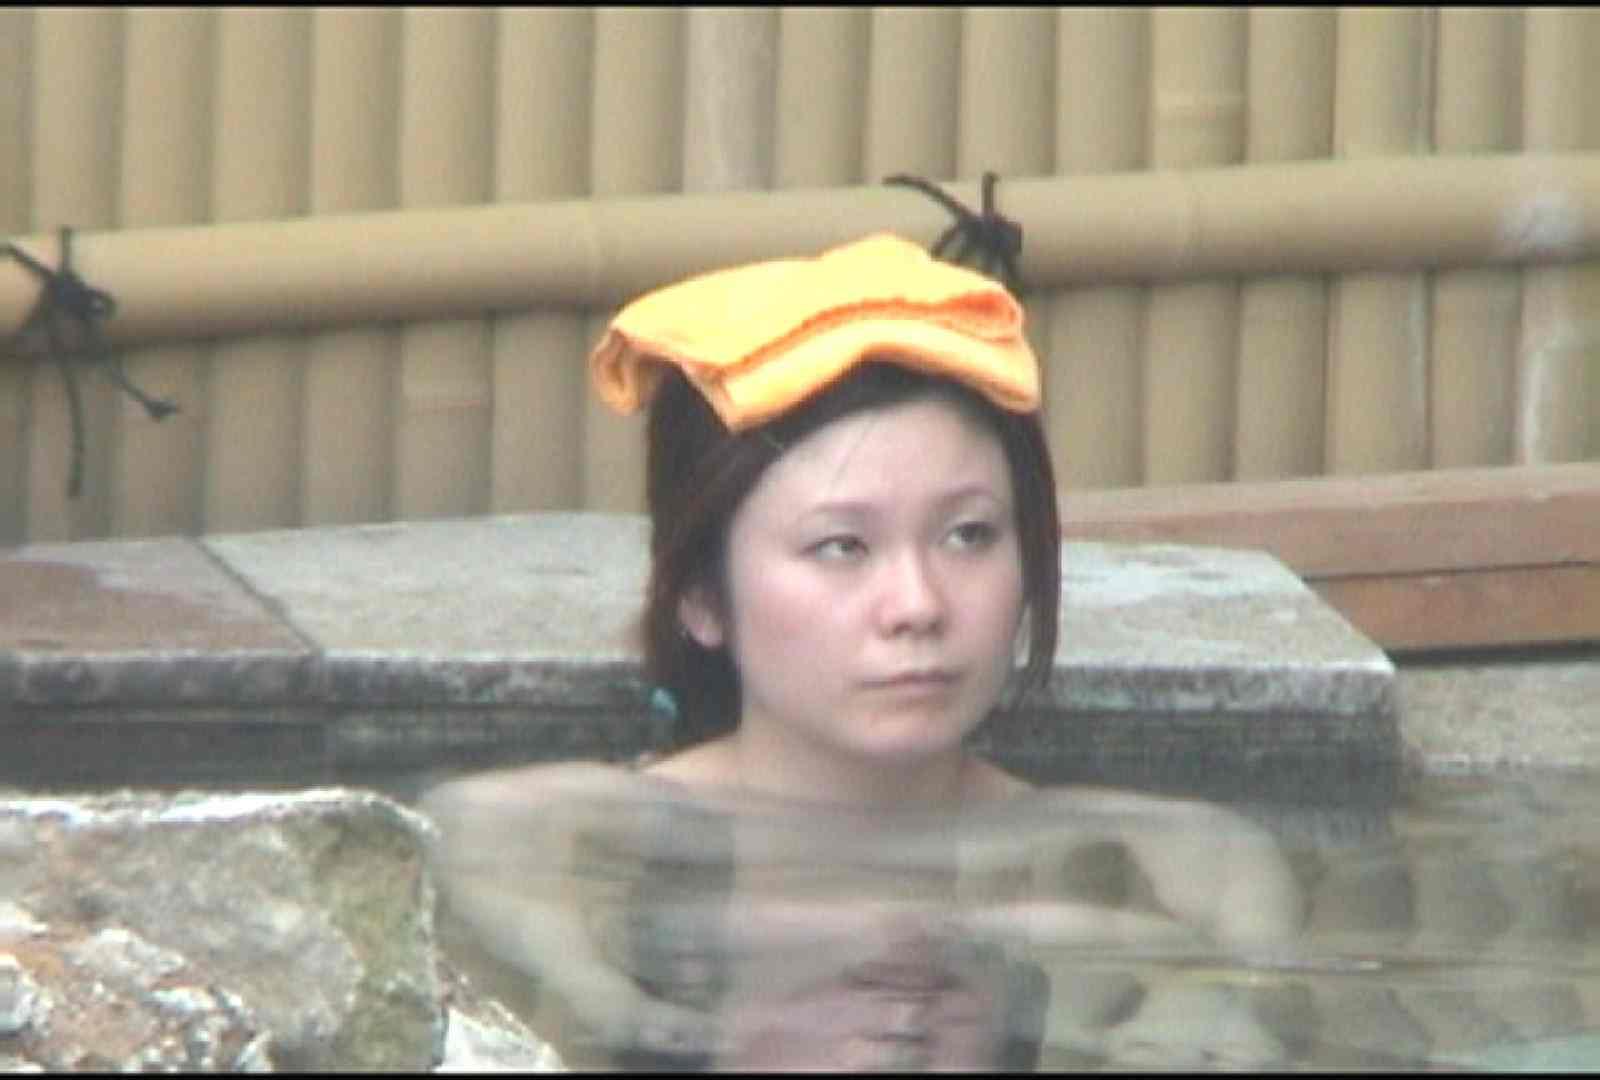 Aquaな露天風呂Vol.177 盗撮師作品 | 美しいOLの裸体  102pic 79